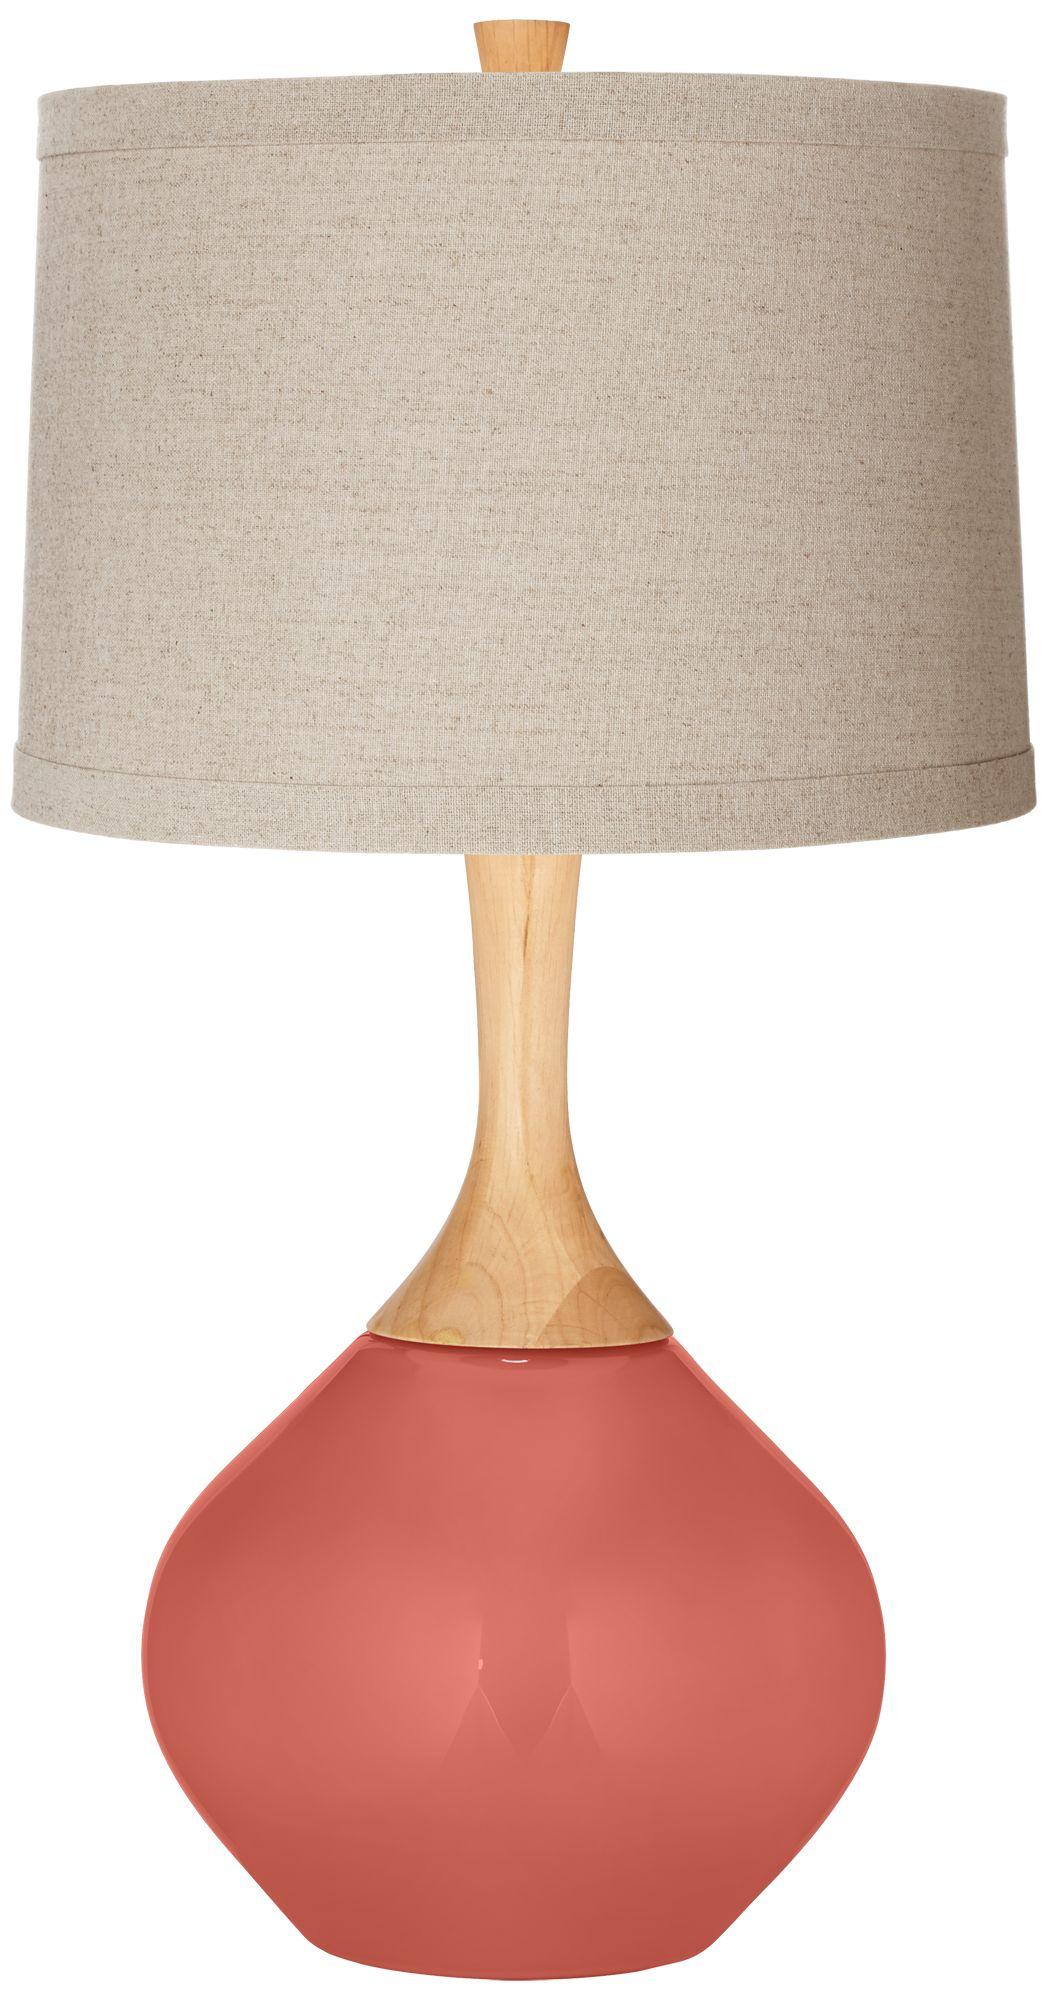 Charmant Lamps Plus